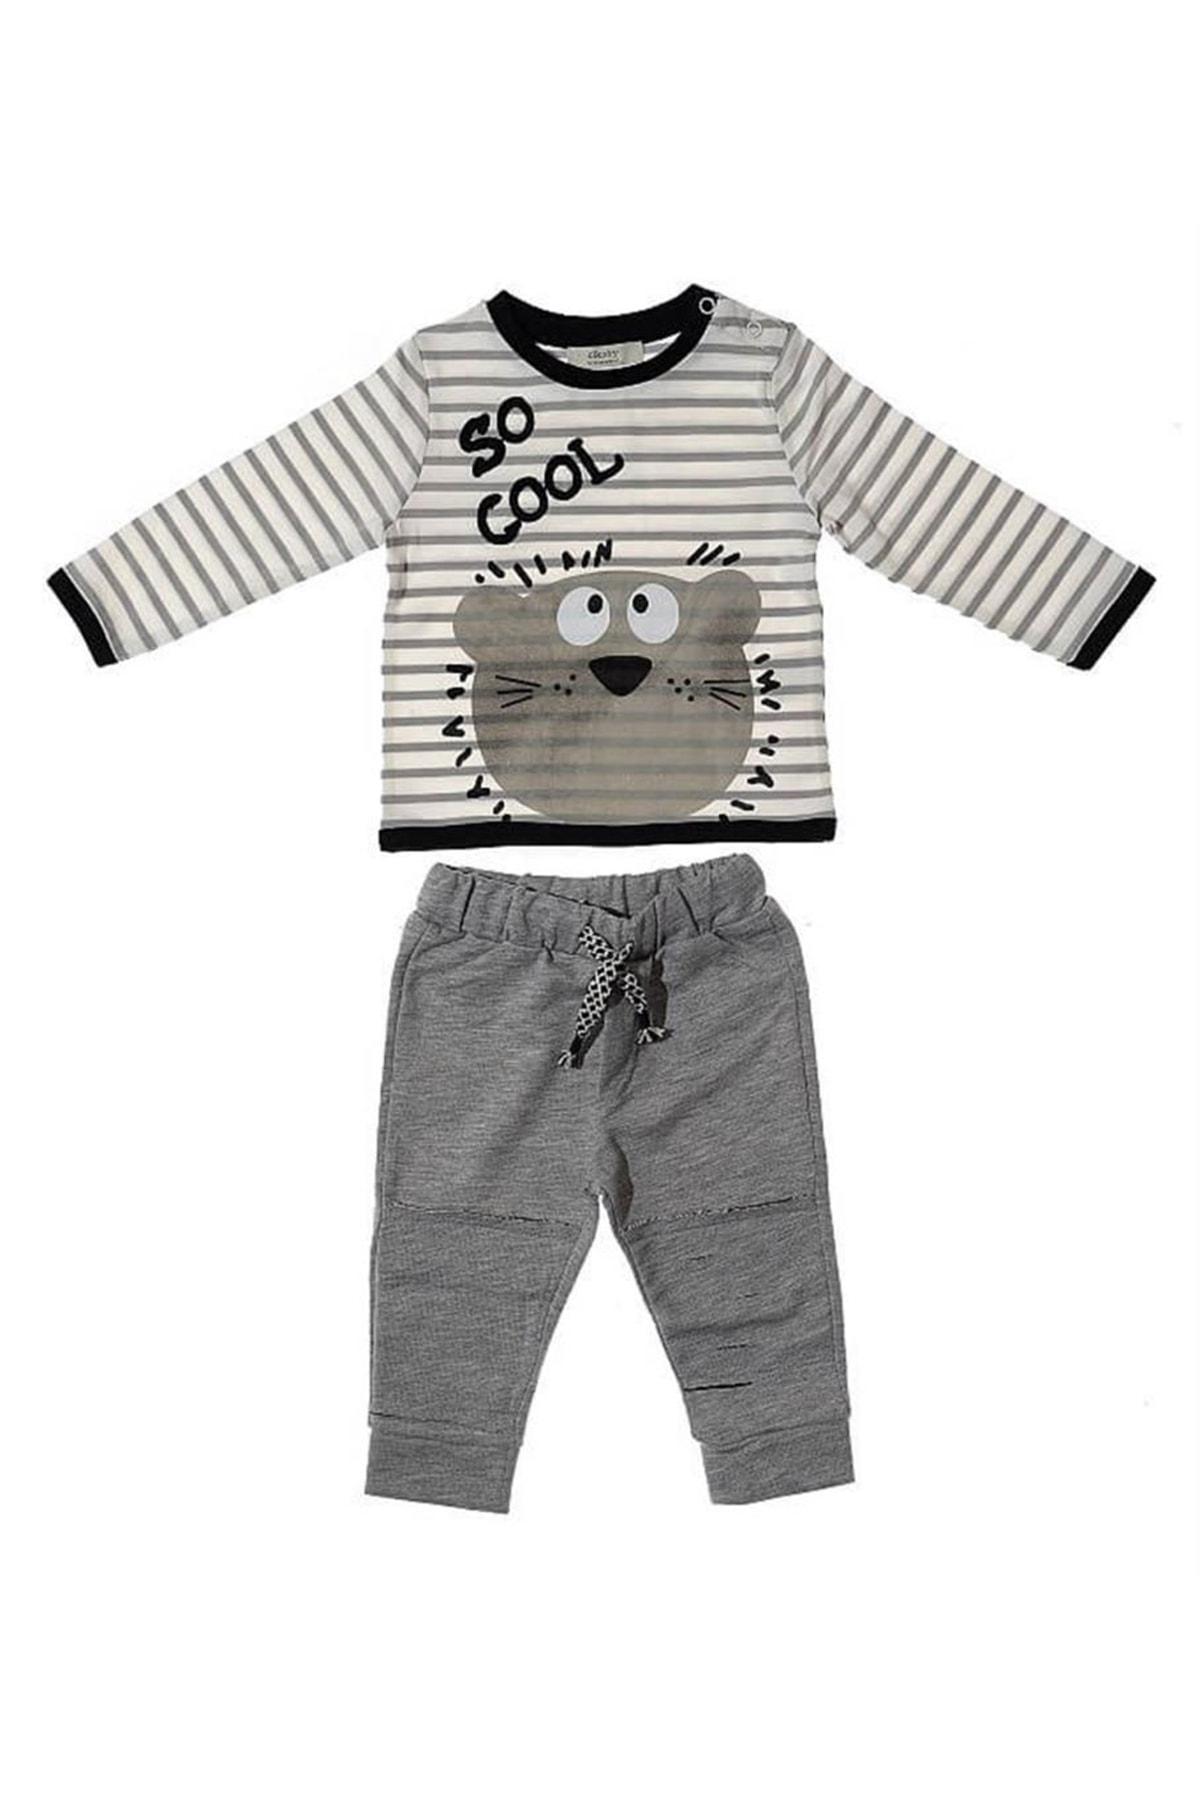 Soft One Çikoby Ayıcık Desenli Erkek Bebek Alt Üst Takım Ce1075 1